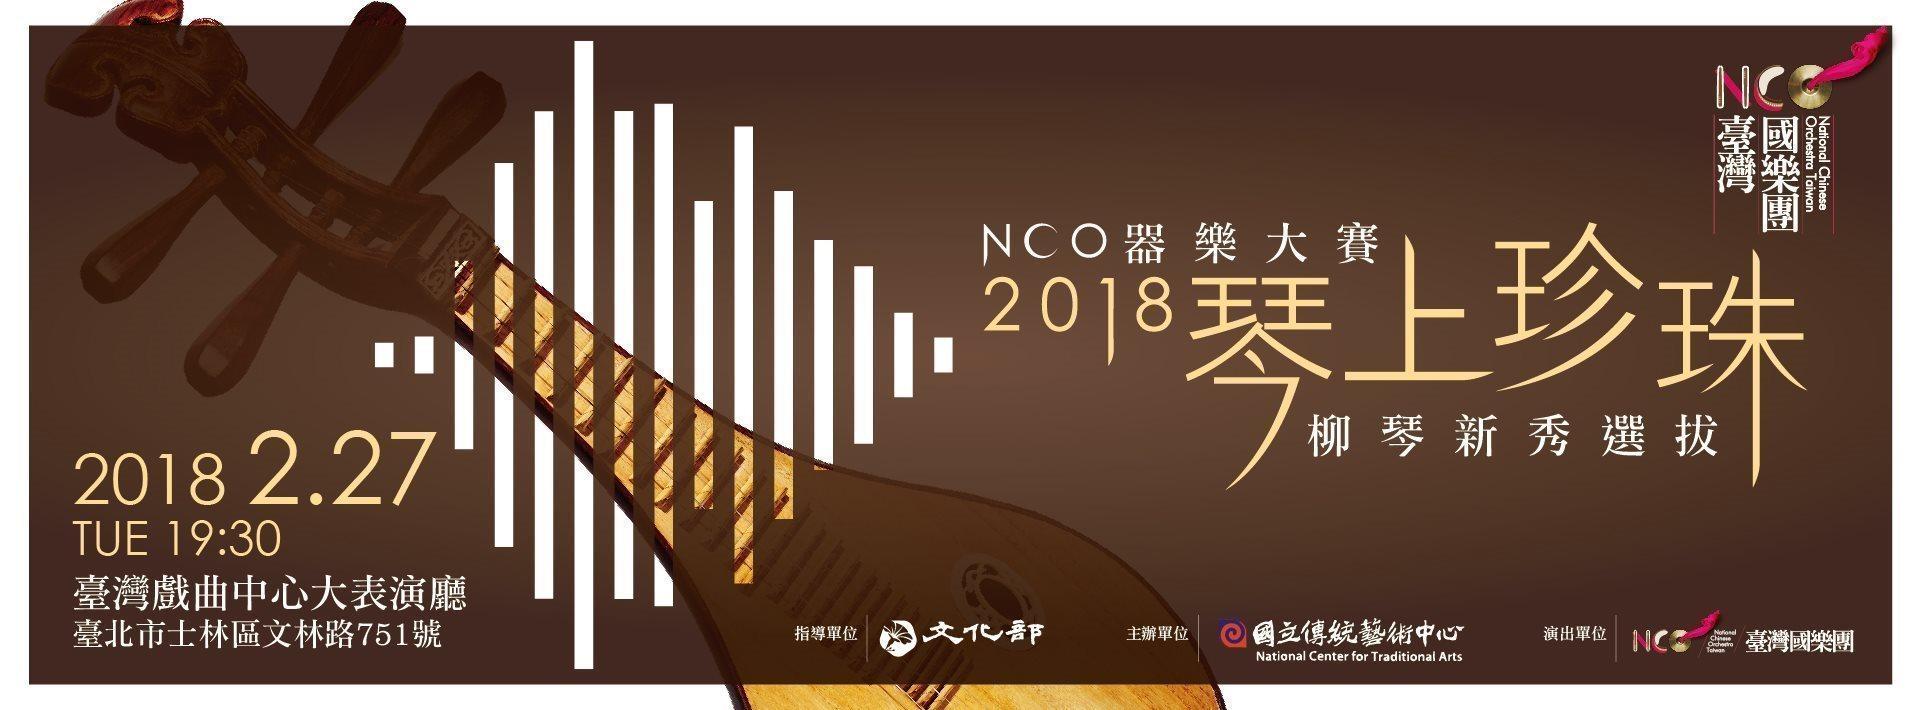 《NCO器樂大賽─2018琴上珍珠 柳琴新秀選拔選》[另開新視窗]